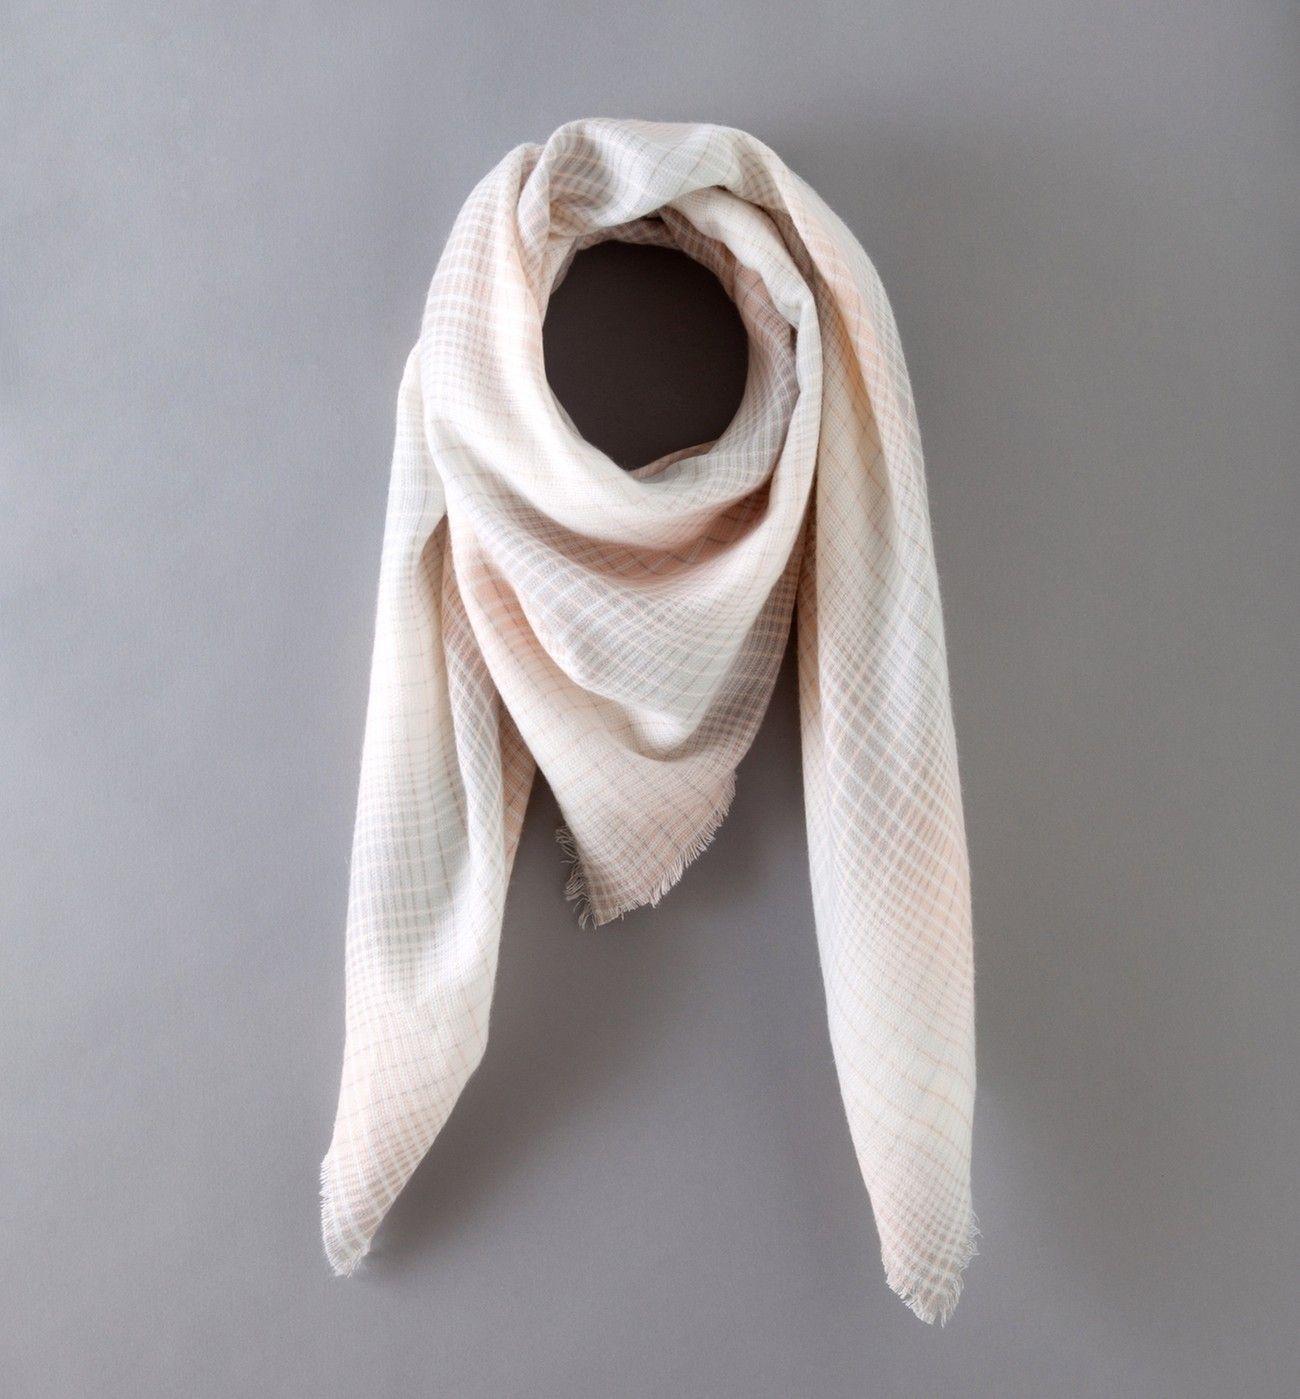 b31b0d36faea Les foulards, écharpes, chèches et étoles pour femmes sont sur la boutique  en ligne Promod   mode femme - Livraison et Retour gratuits en boutique.